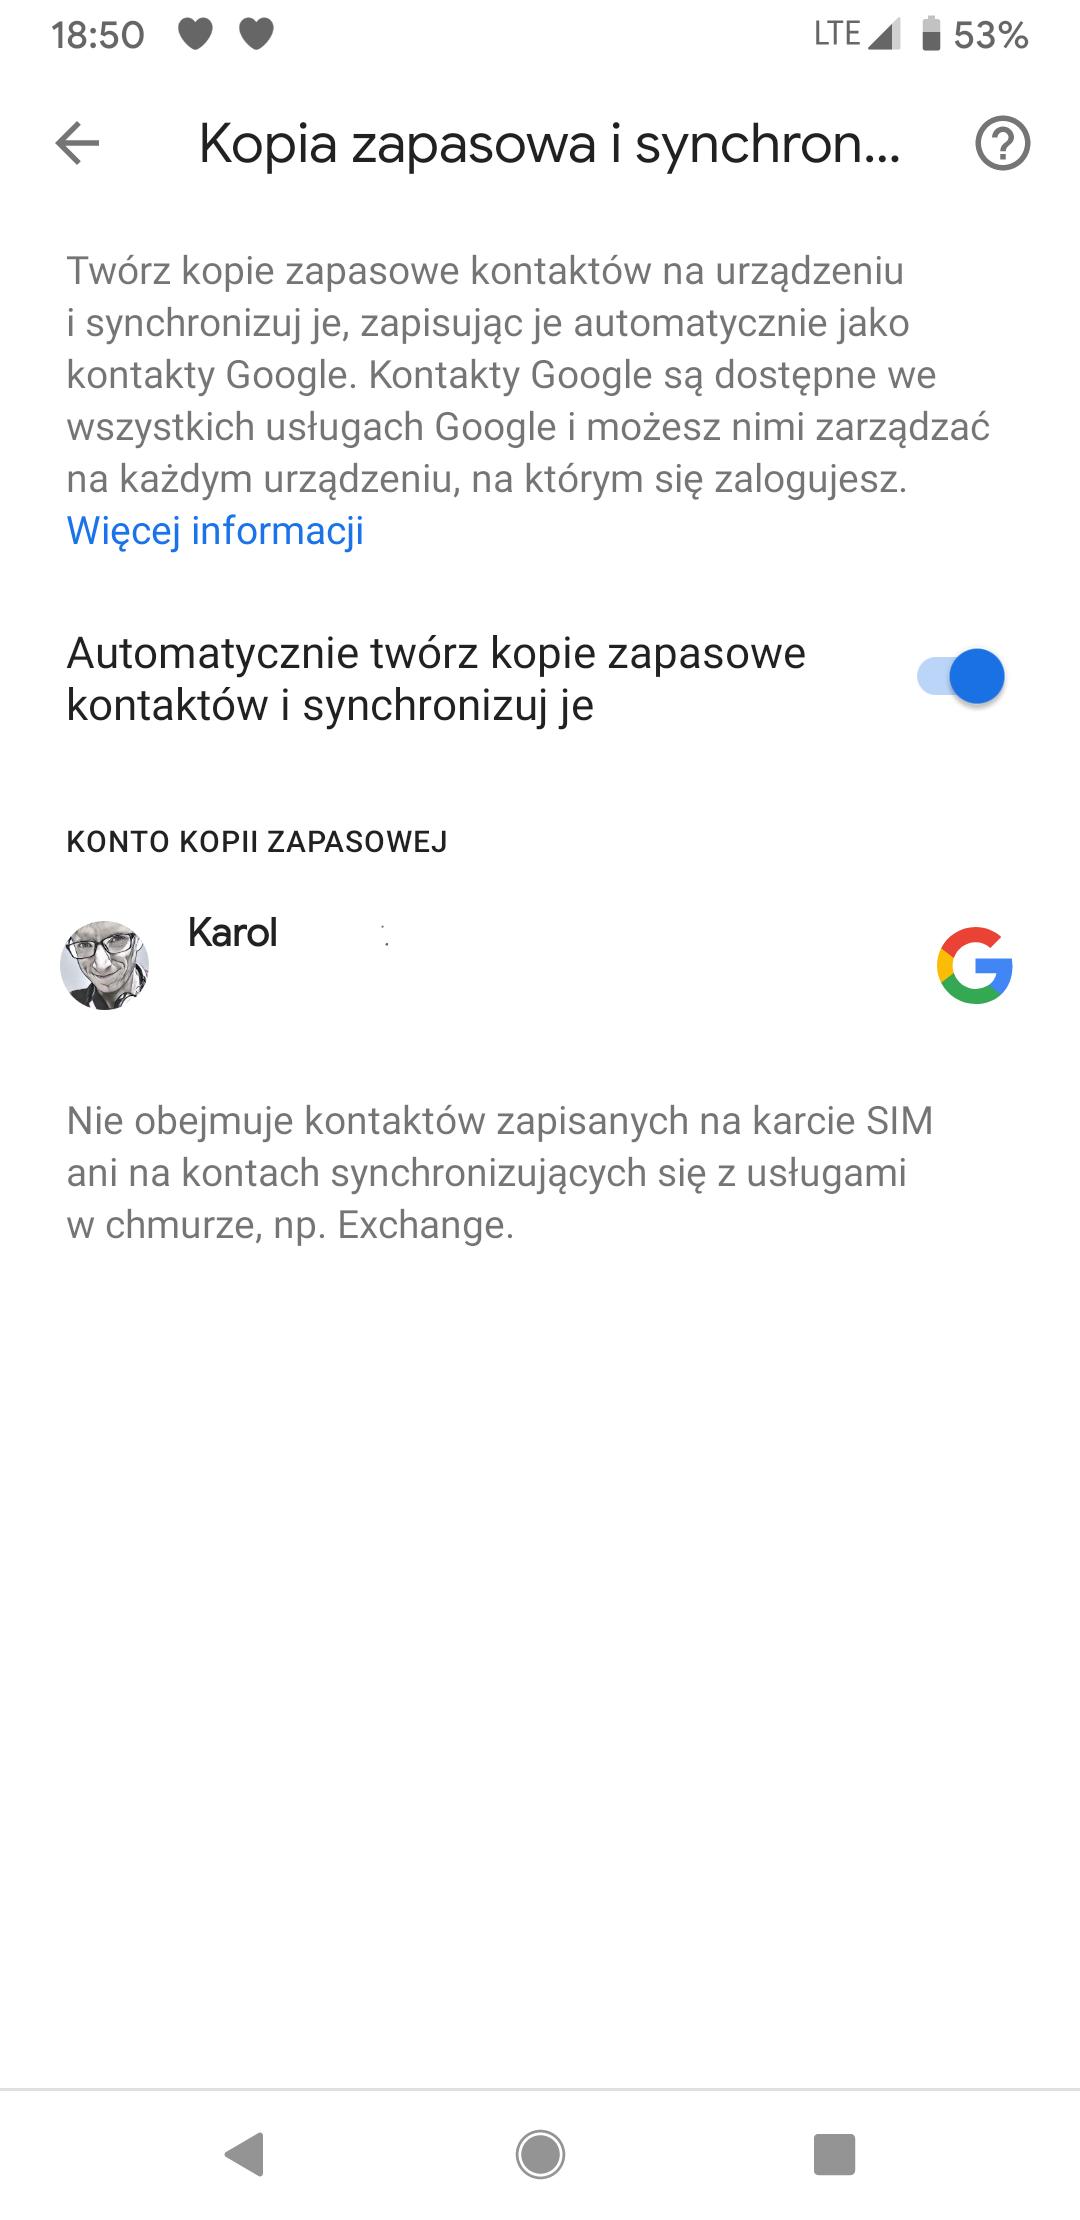 Kontakty Google dostają opcję tworzenia kopii zapasowych numerów zapisanych lokalnie 22